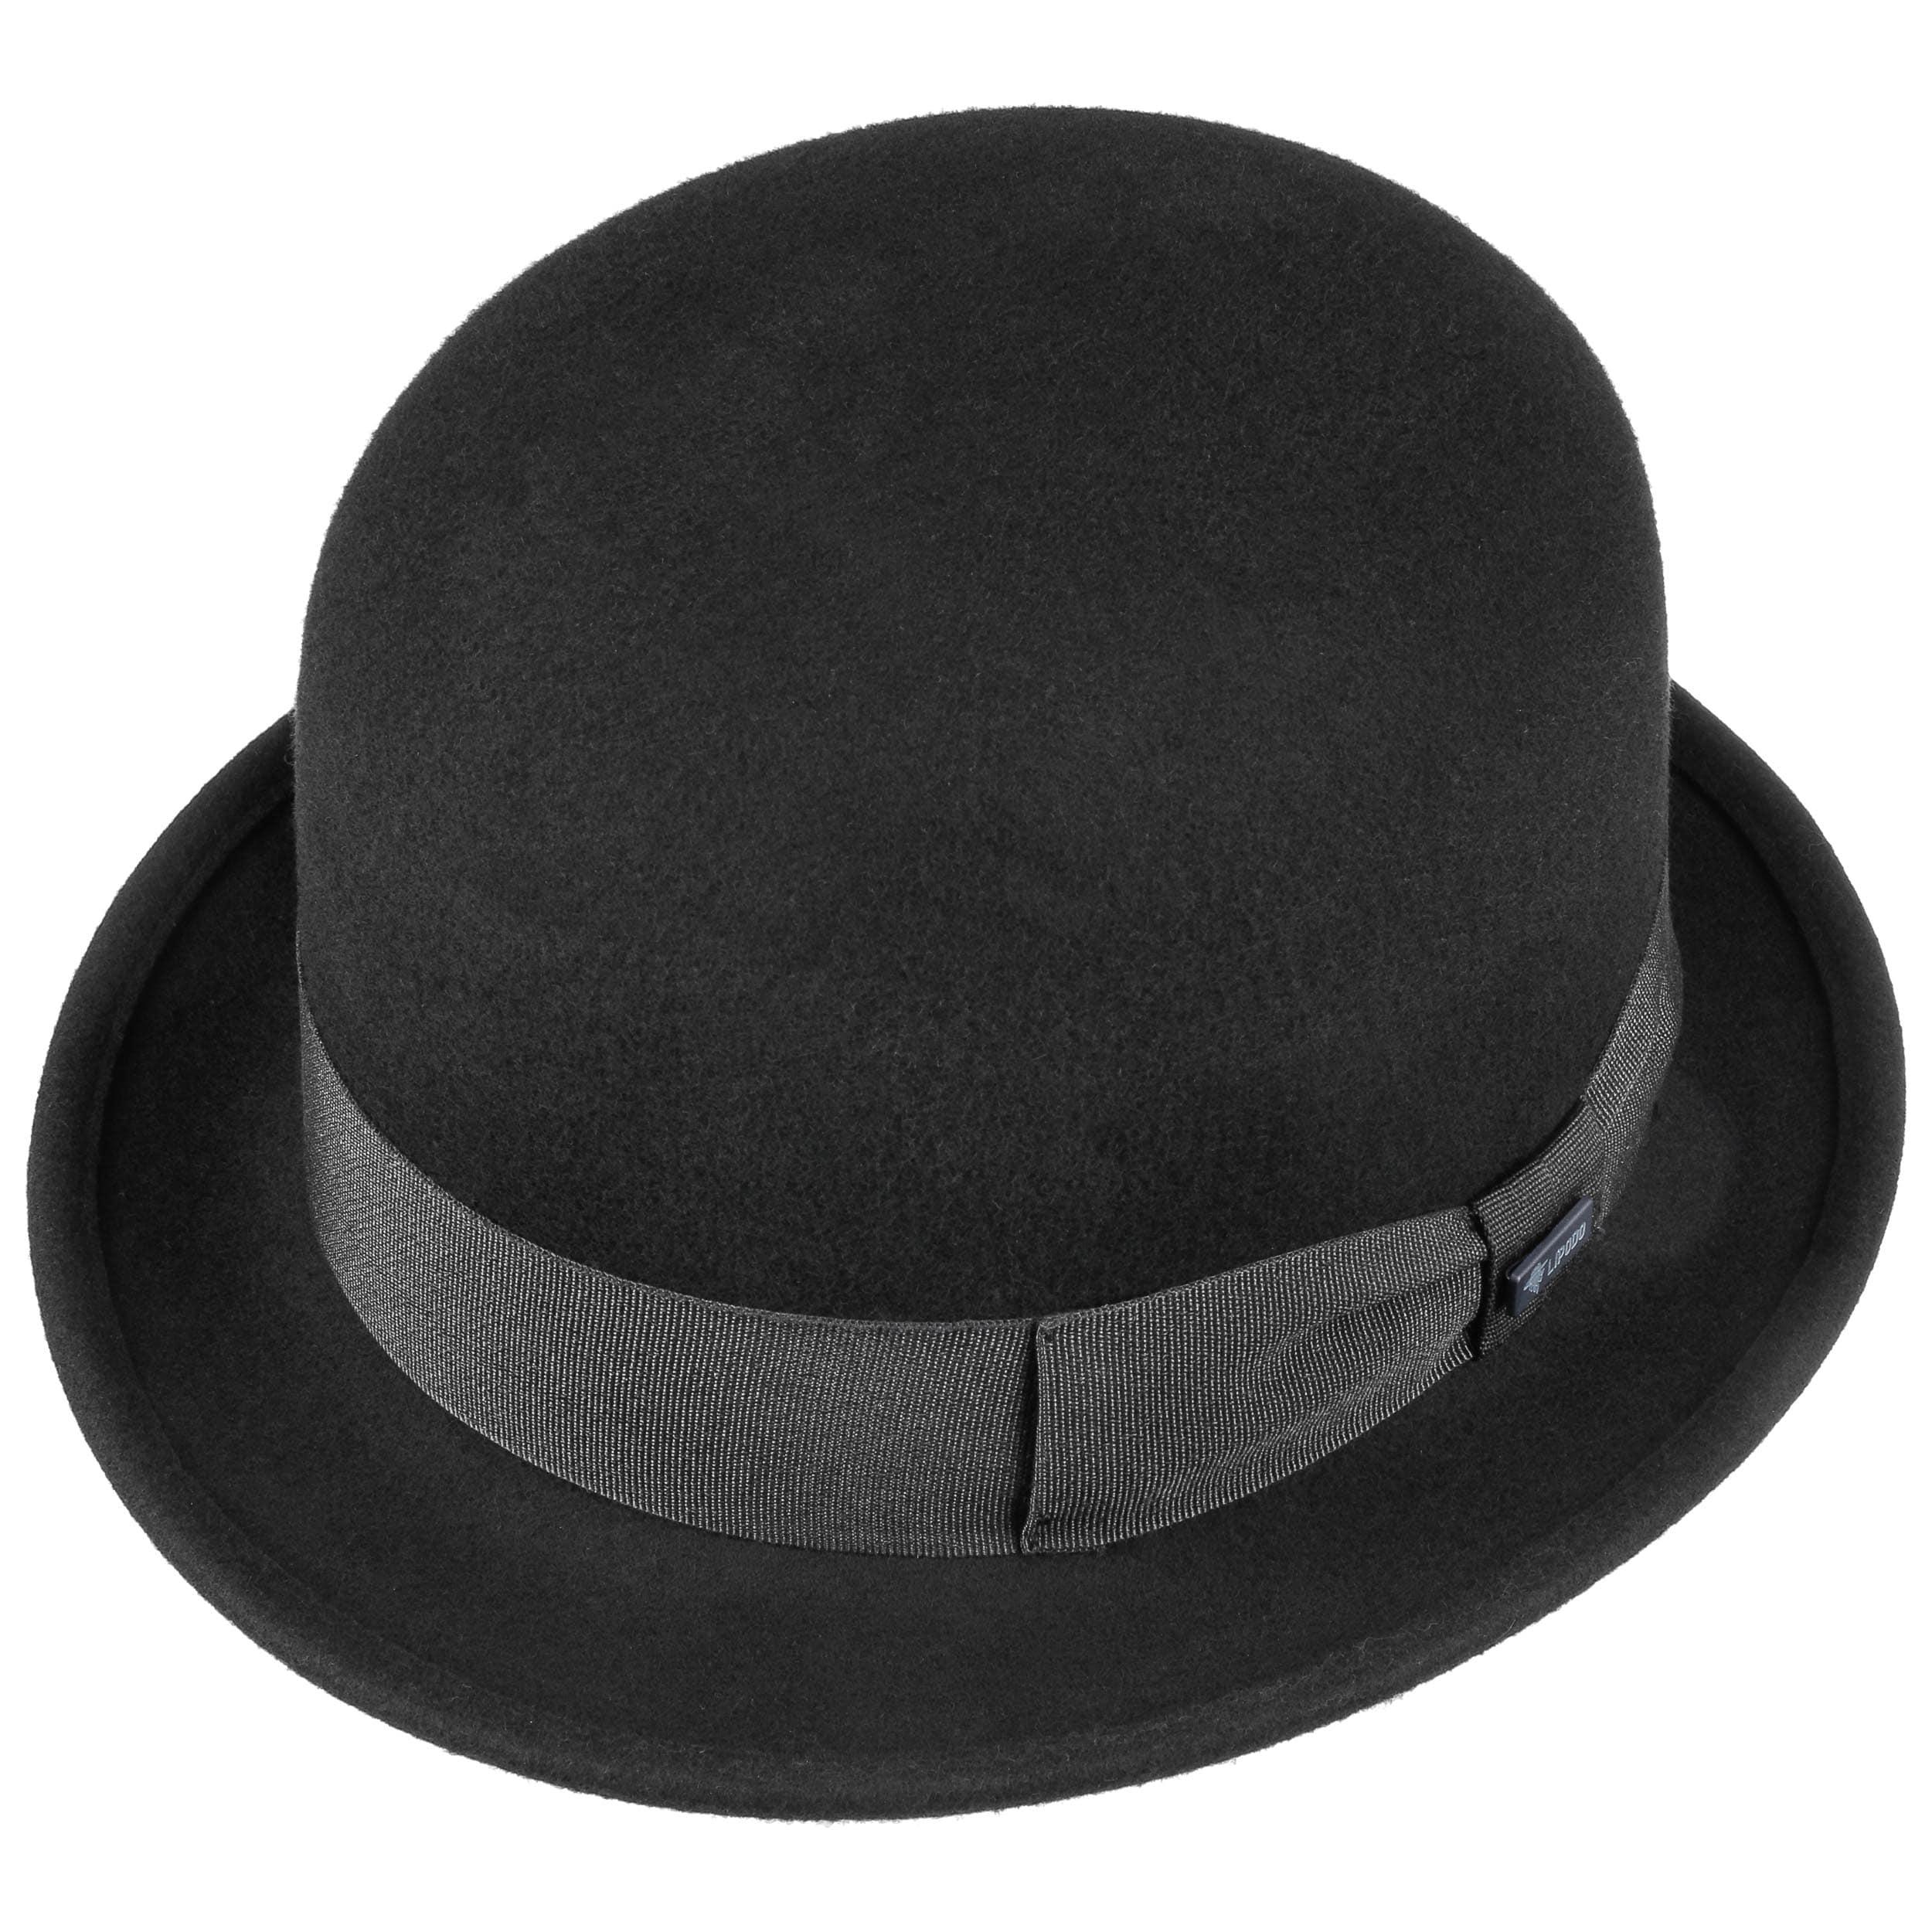 Cappello Bombetta di Feltro by Lipodo - nero 1 ... 3da672cf6343